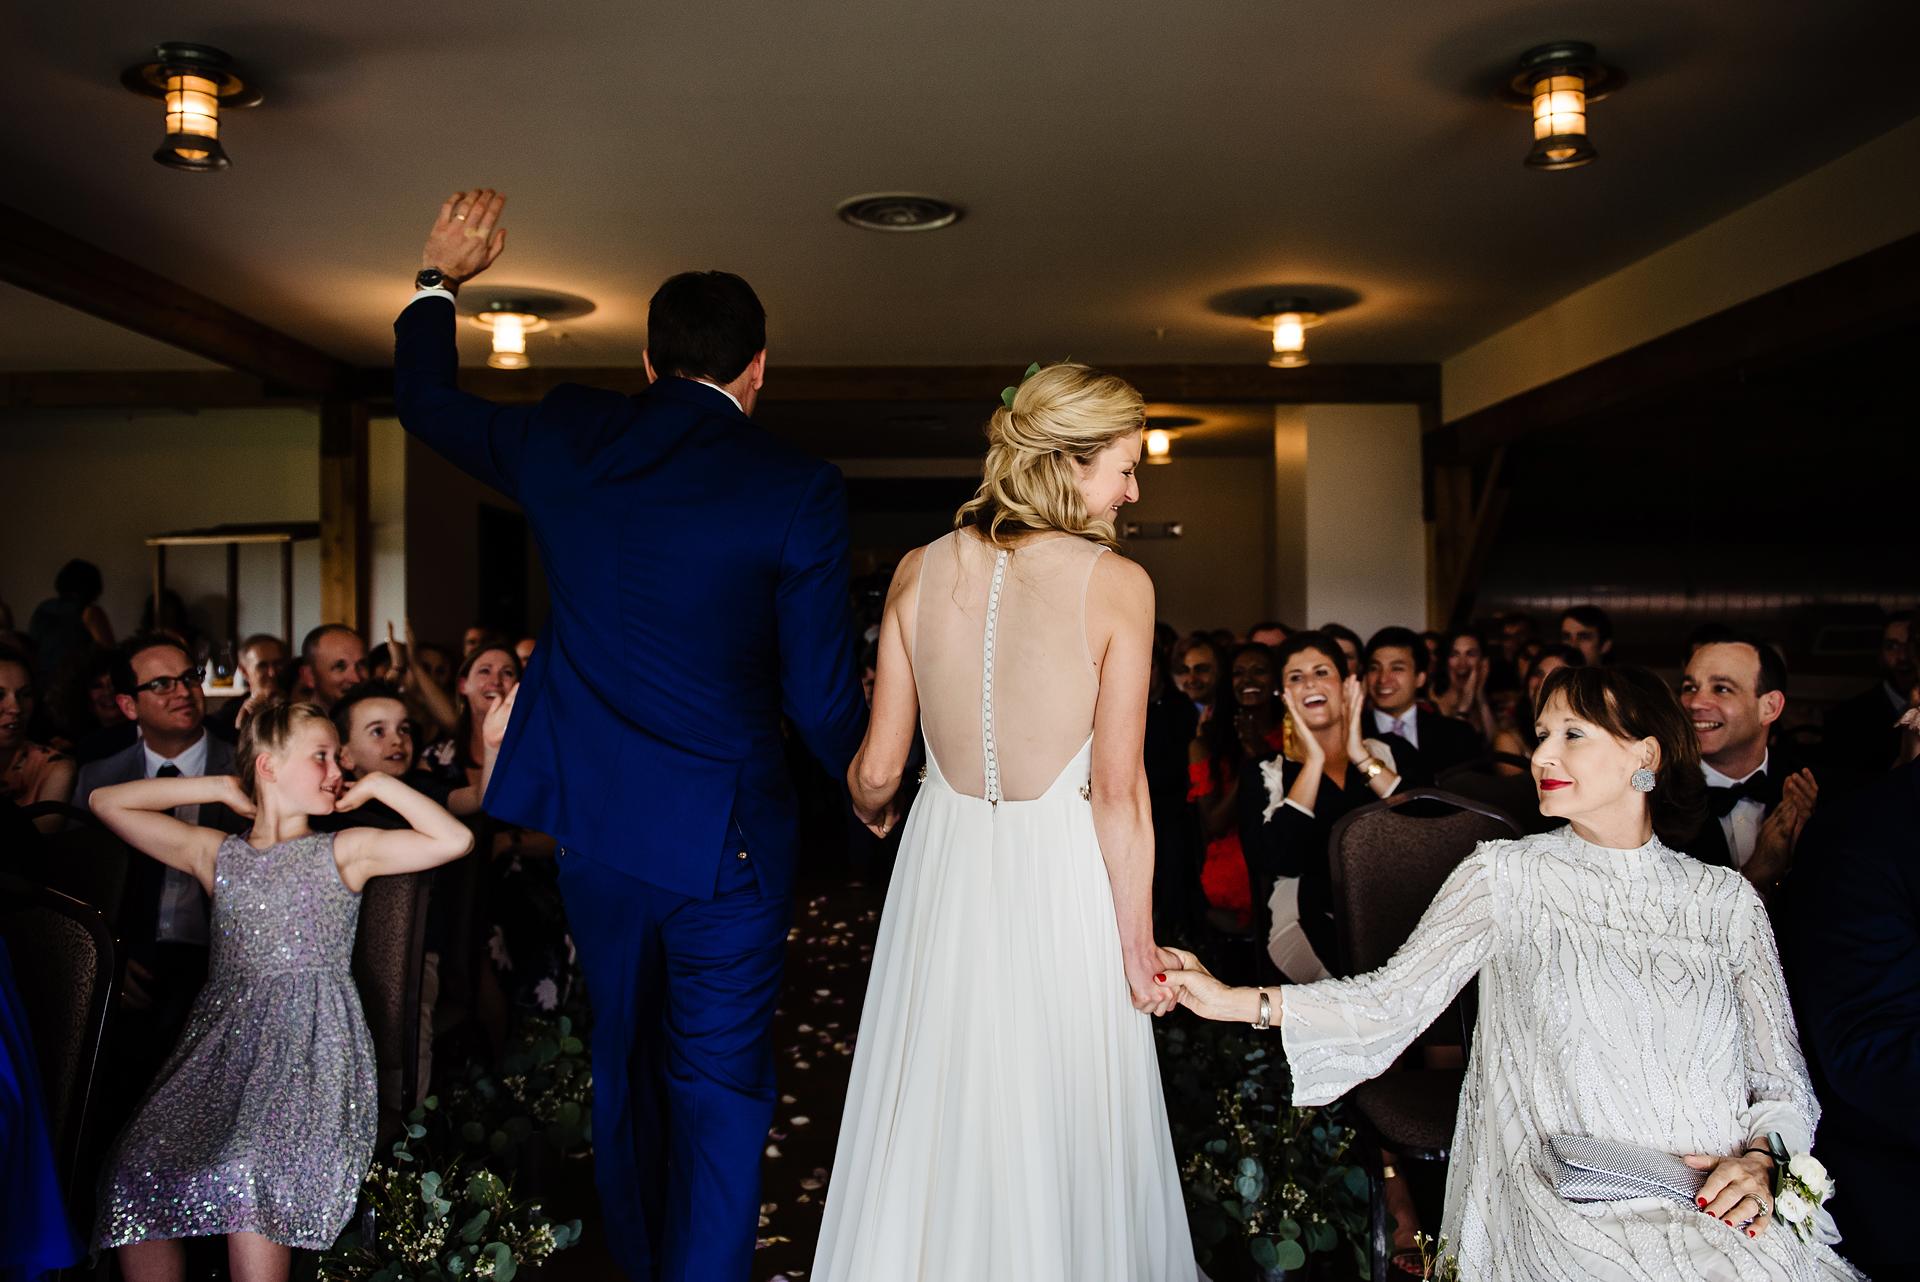 Ouders Huwelijksfotografie | De bruid geeft een kneepje in de hand van haar moeder terwijl ze zich terugtrekt van de ceremonie met haar nieuwe echtgenoot.